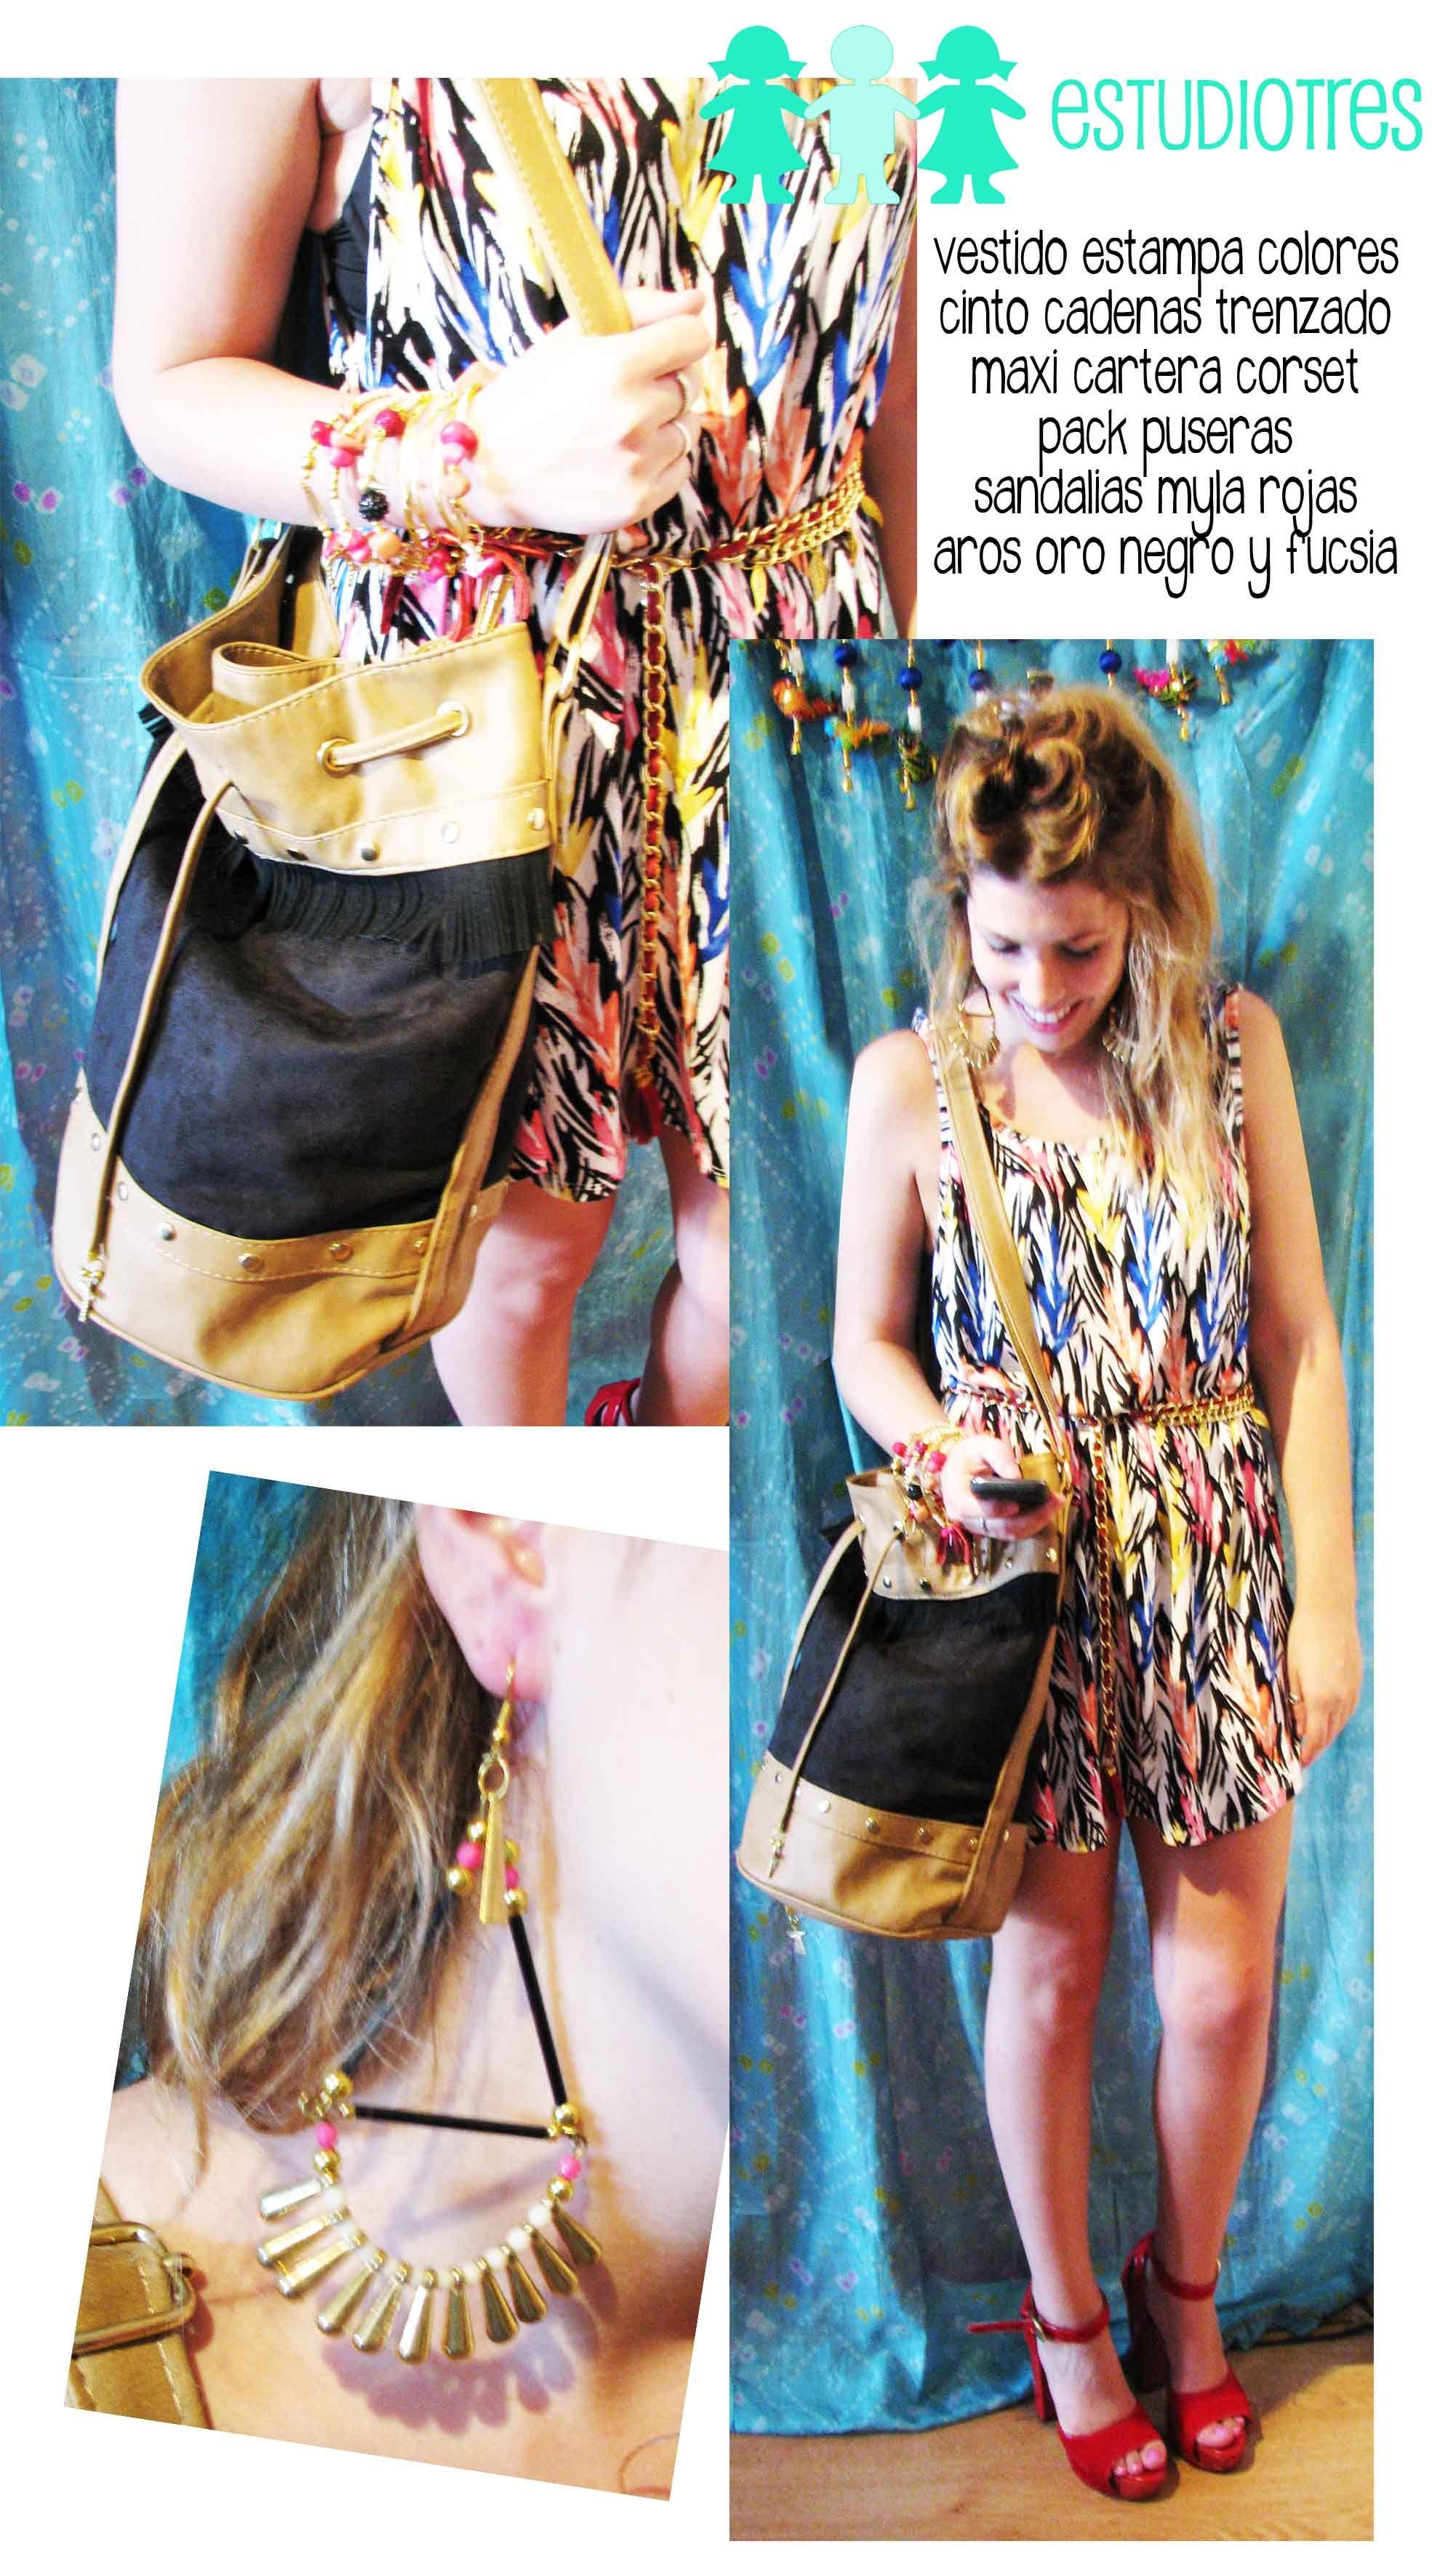 vestido estampado + cinto cadena + manojo pulseras + cartera corset combinada + plataformas mila fuego.